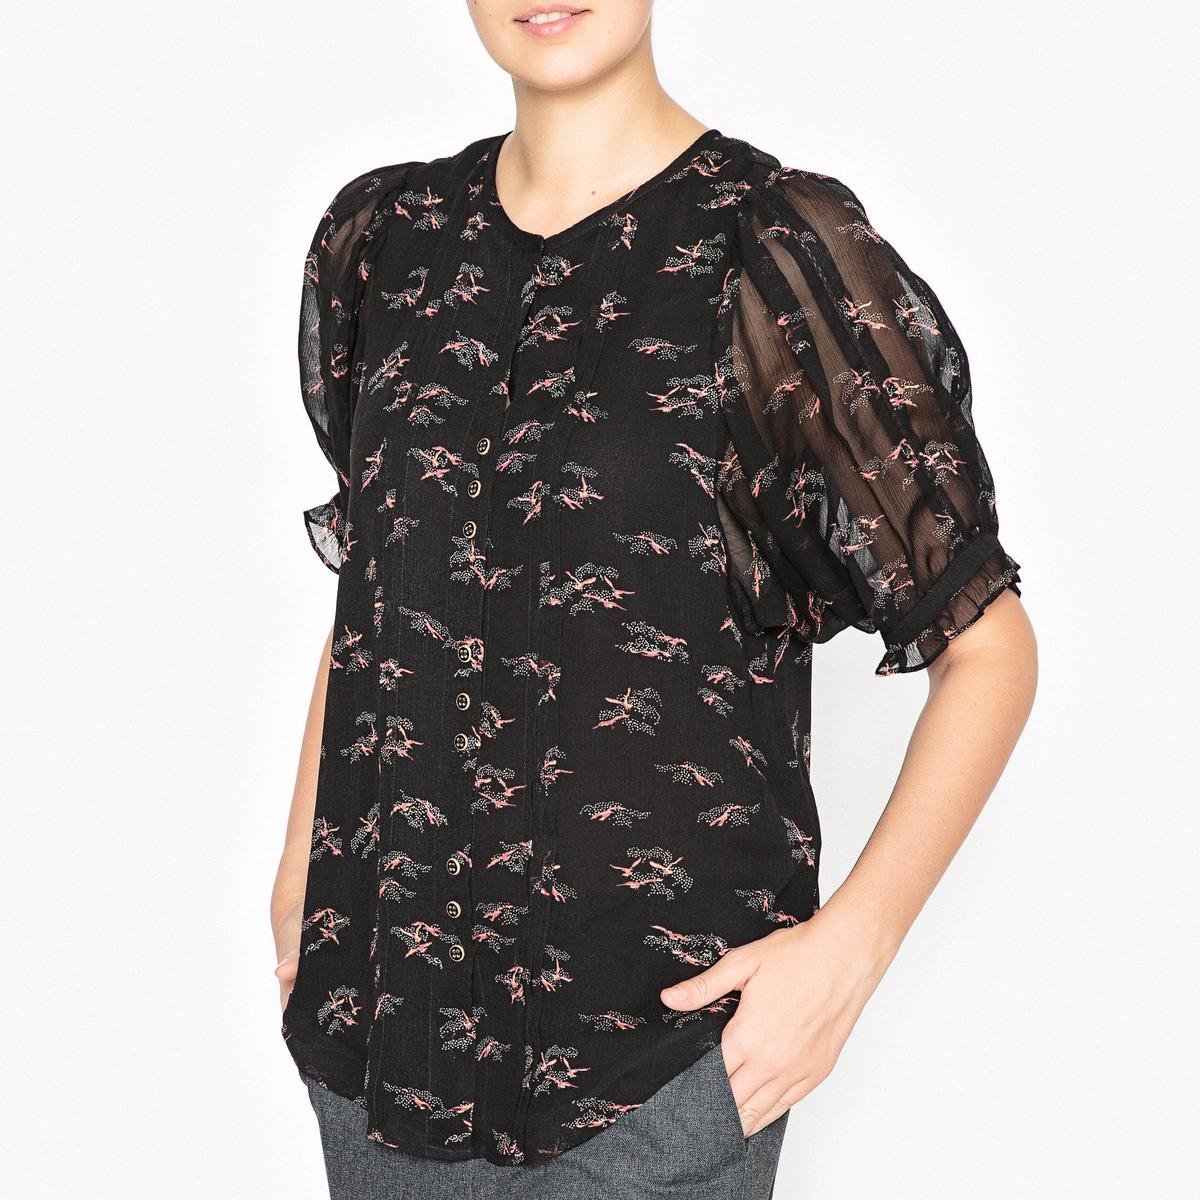 Рубашка с рисунком NINJIОписание:Рубашка SESSUN - модель NINJI из вискозы с рисунком.Детали   •  Рукава 3/4 •  Прямой покрой •   V-образный вырез   •  Рисунок-принтСостав и уход  •  100% вискоза •  Следуйте советам по уходу, указанным на этикетке   • Широкие проймы и воланы на рукавах •  Пуговица с золотистыми деталями  •  Низ слегка закругленный<br><br>Цвет: черный